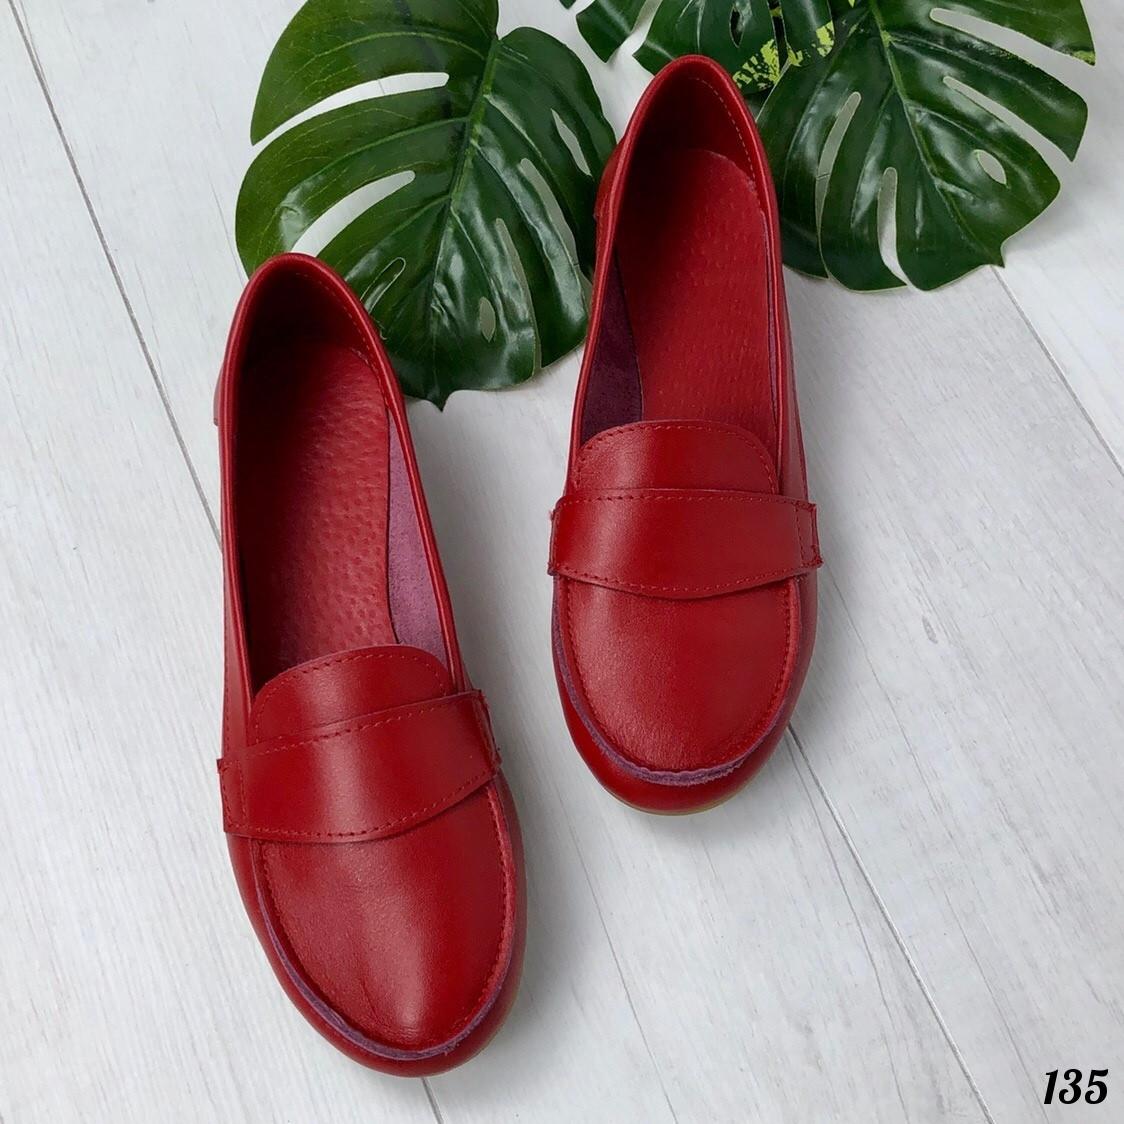 de0d15bf3c44 Женские красные кожаные мокасины - купить по лучшей цене в Украине от  компании ...